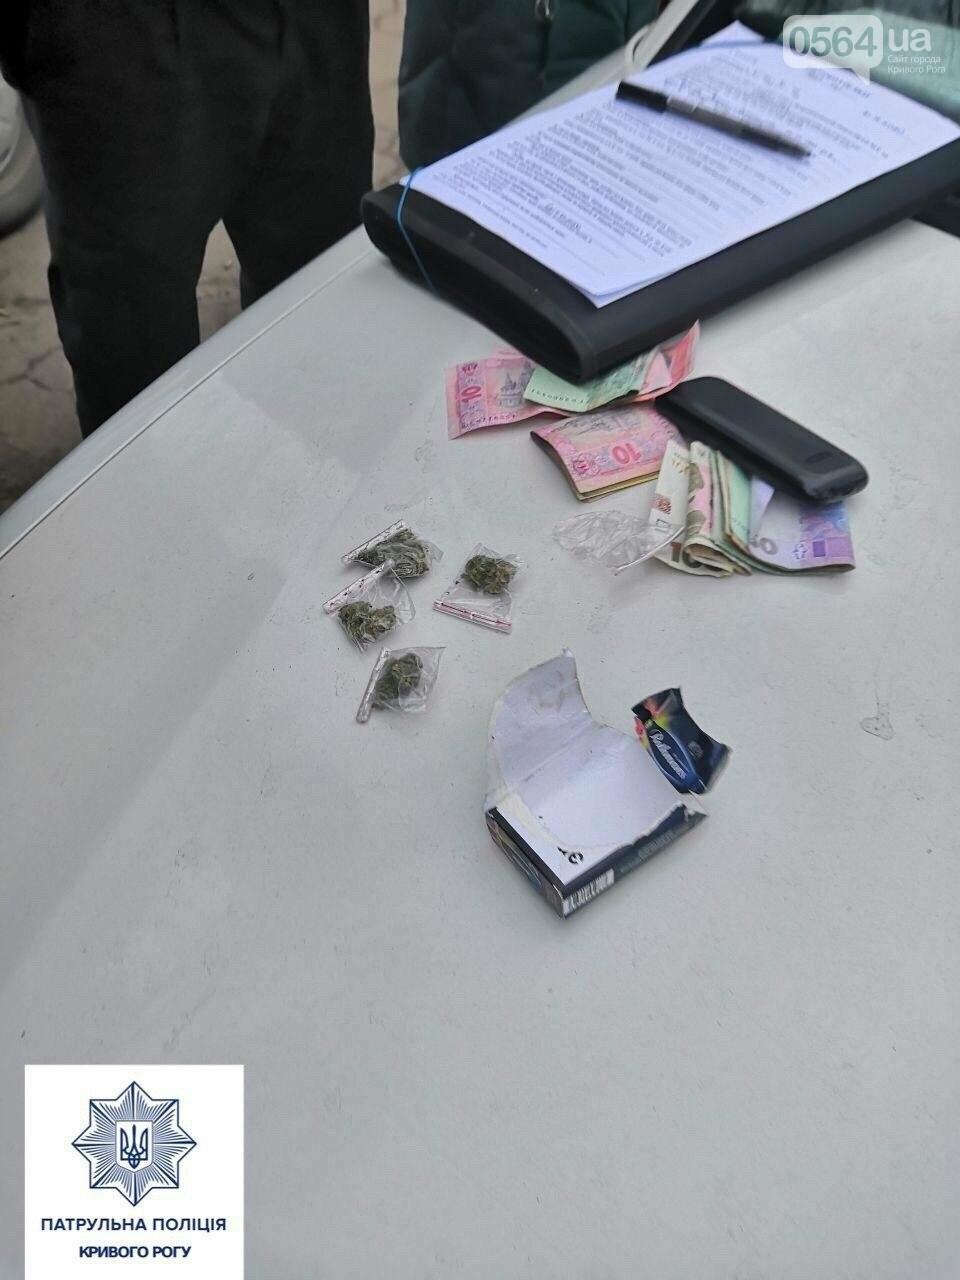 В Кривом Роге возле колокольни задержан горожанин с наркотиками, - ФОТО , фото-2